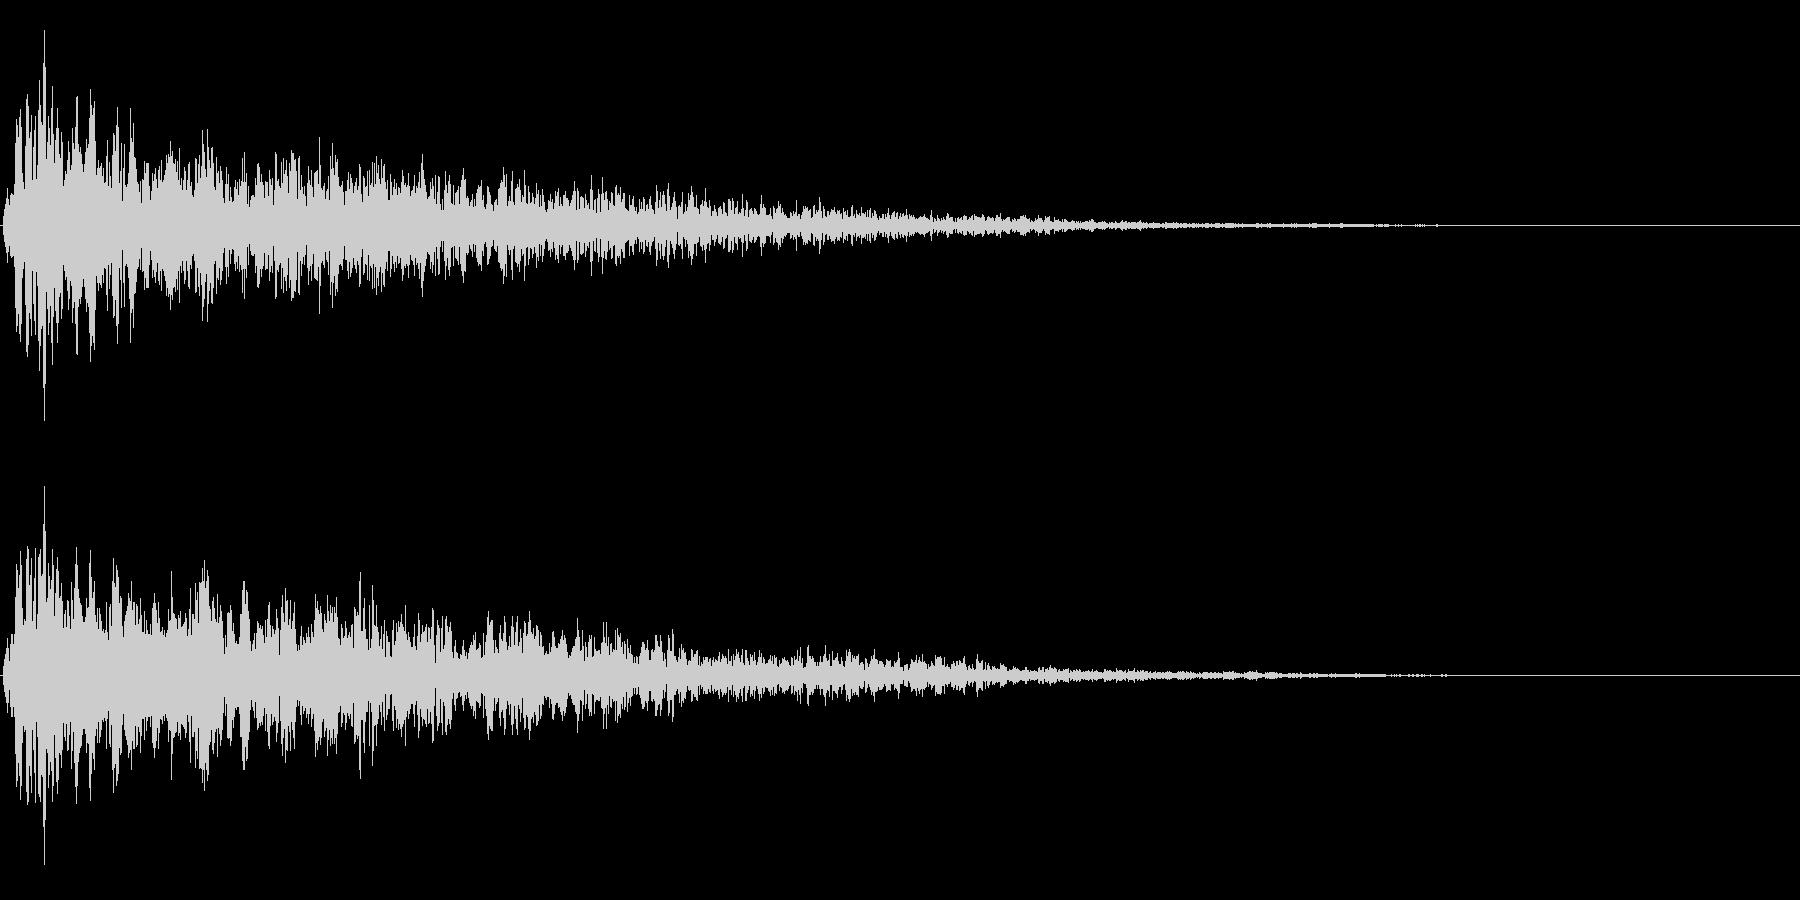 ゴージャスなキャンセル音の未再生の波形